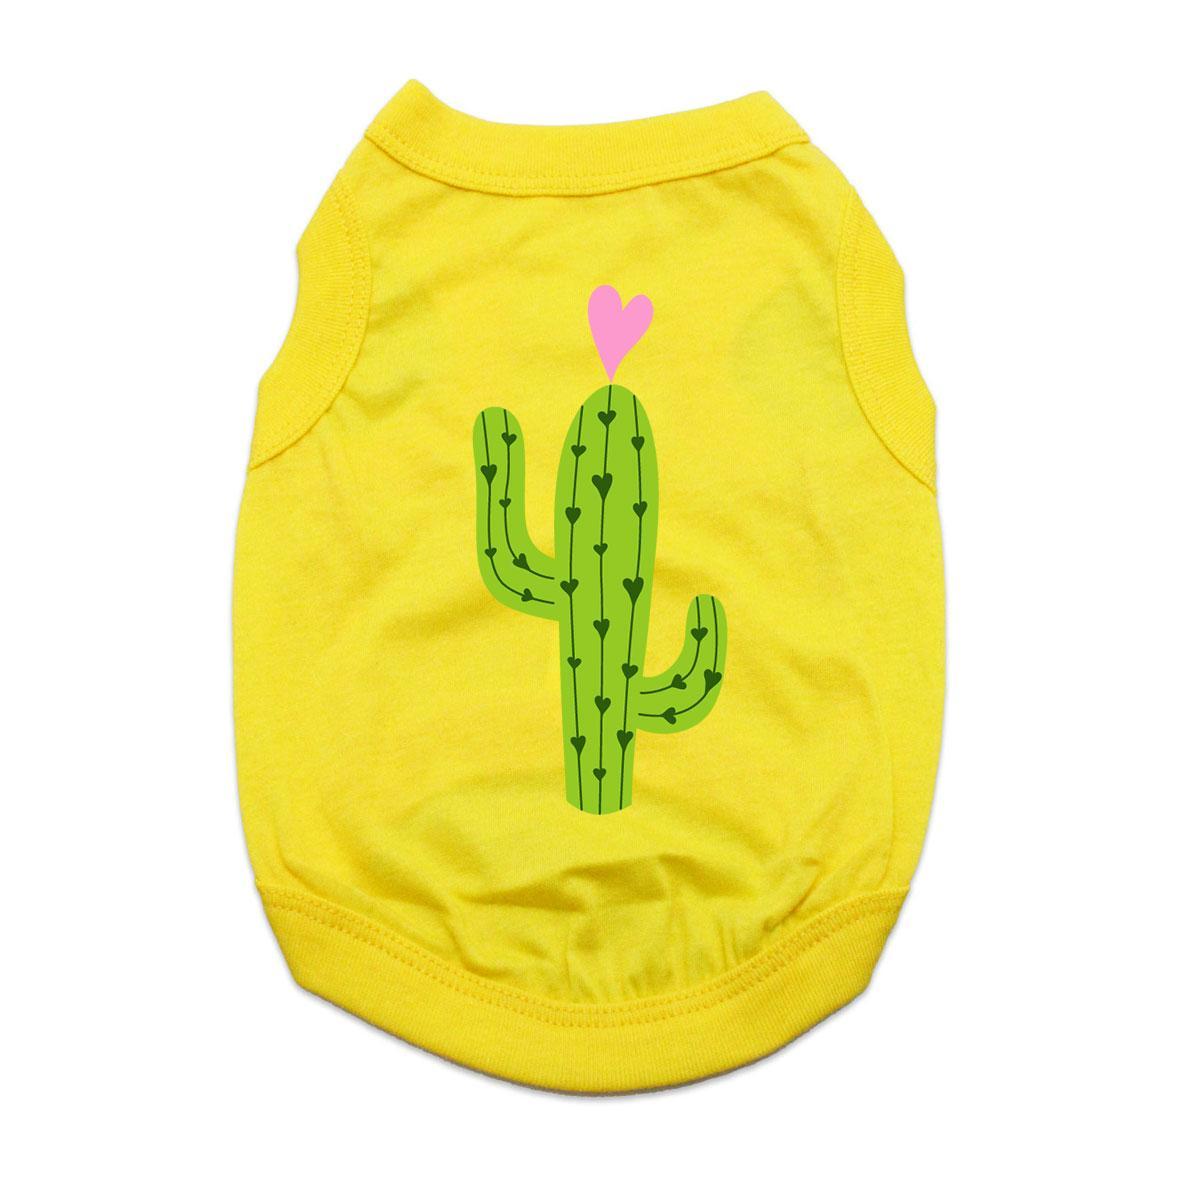 Cactus Dog Shirt - Yellow